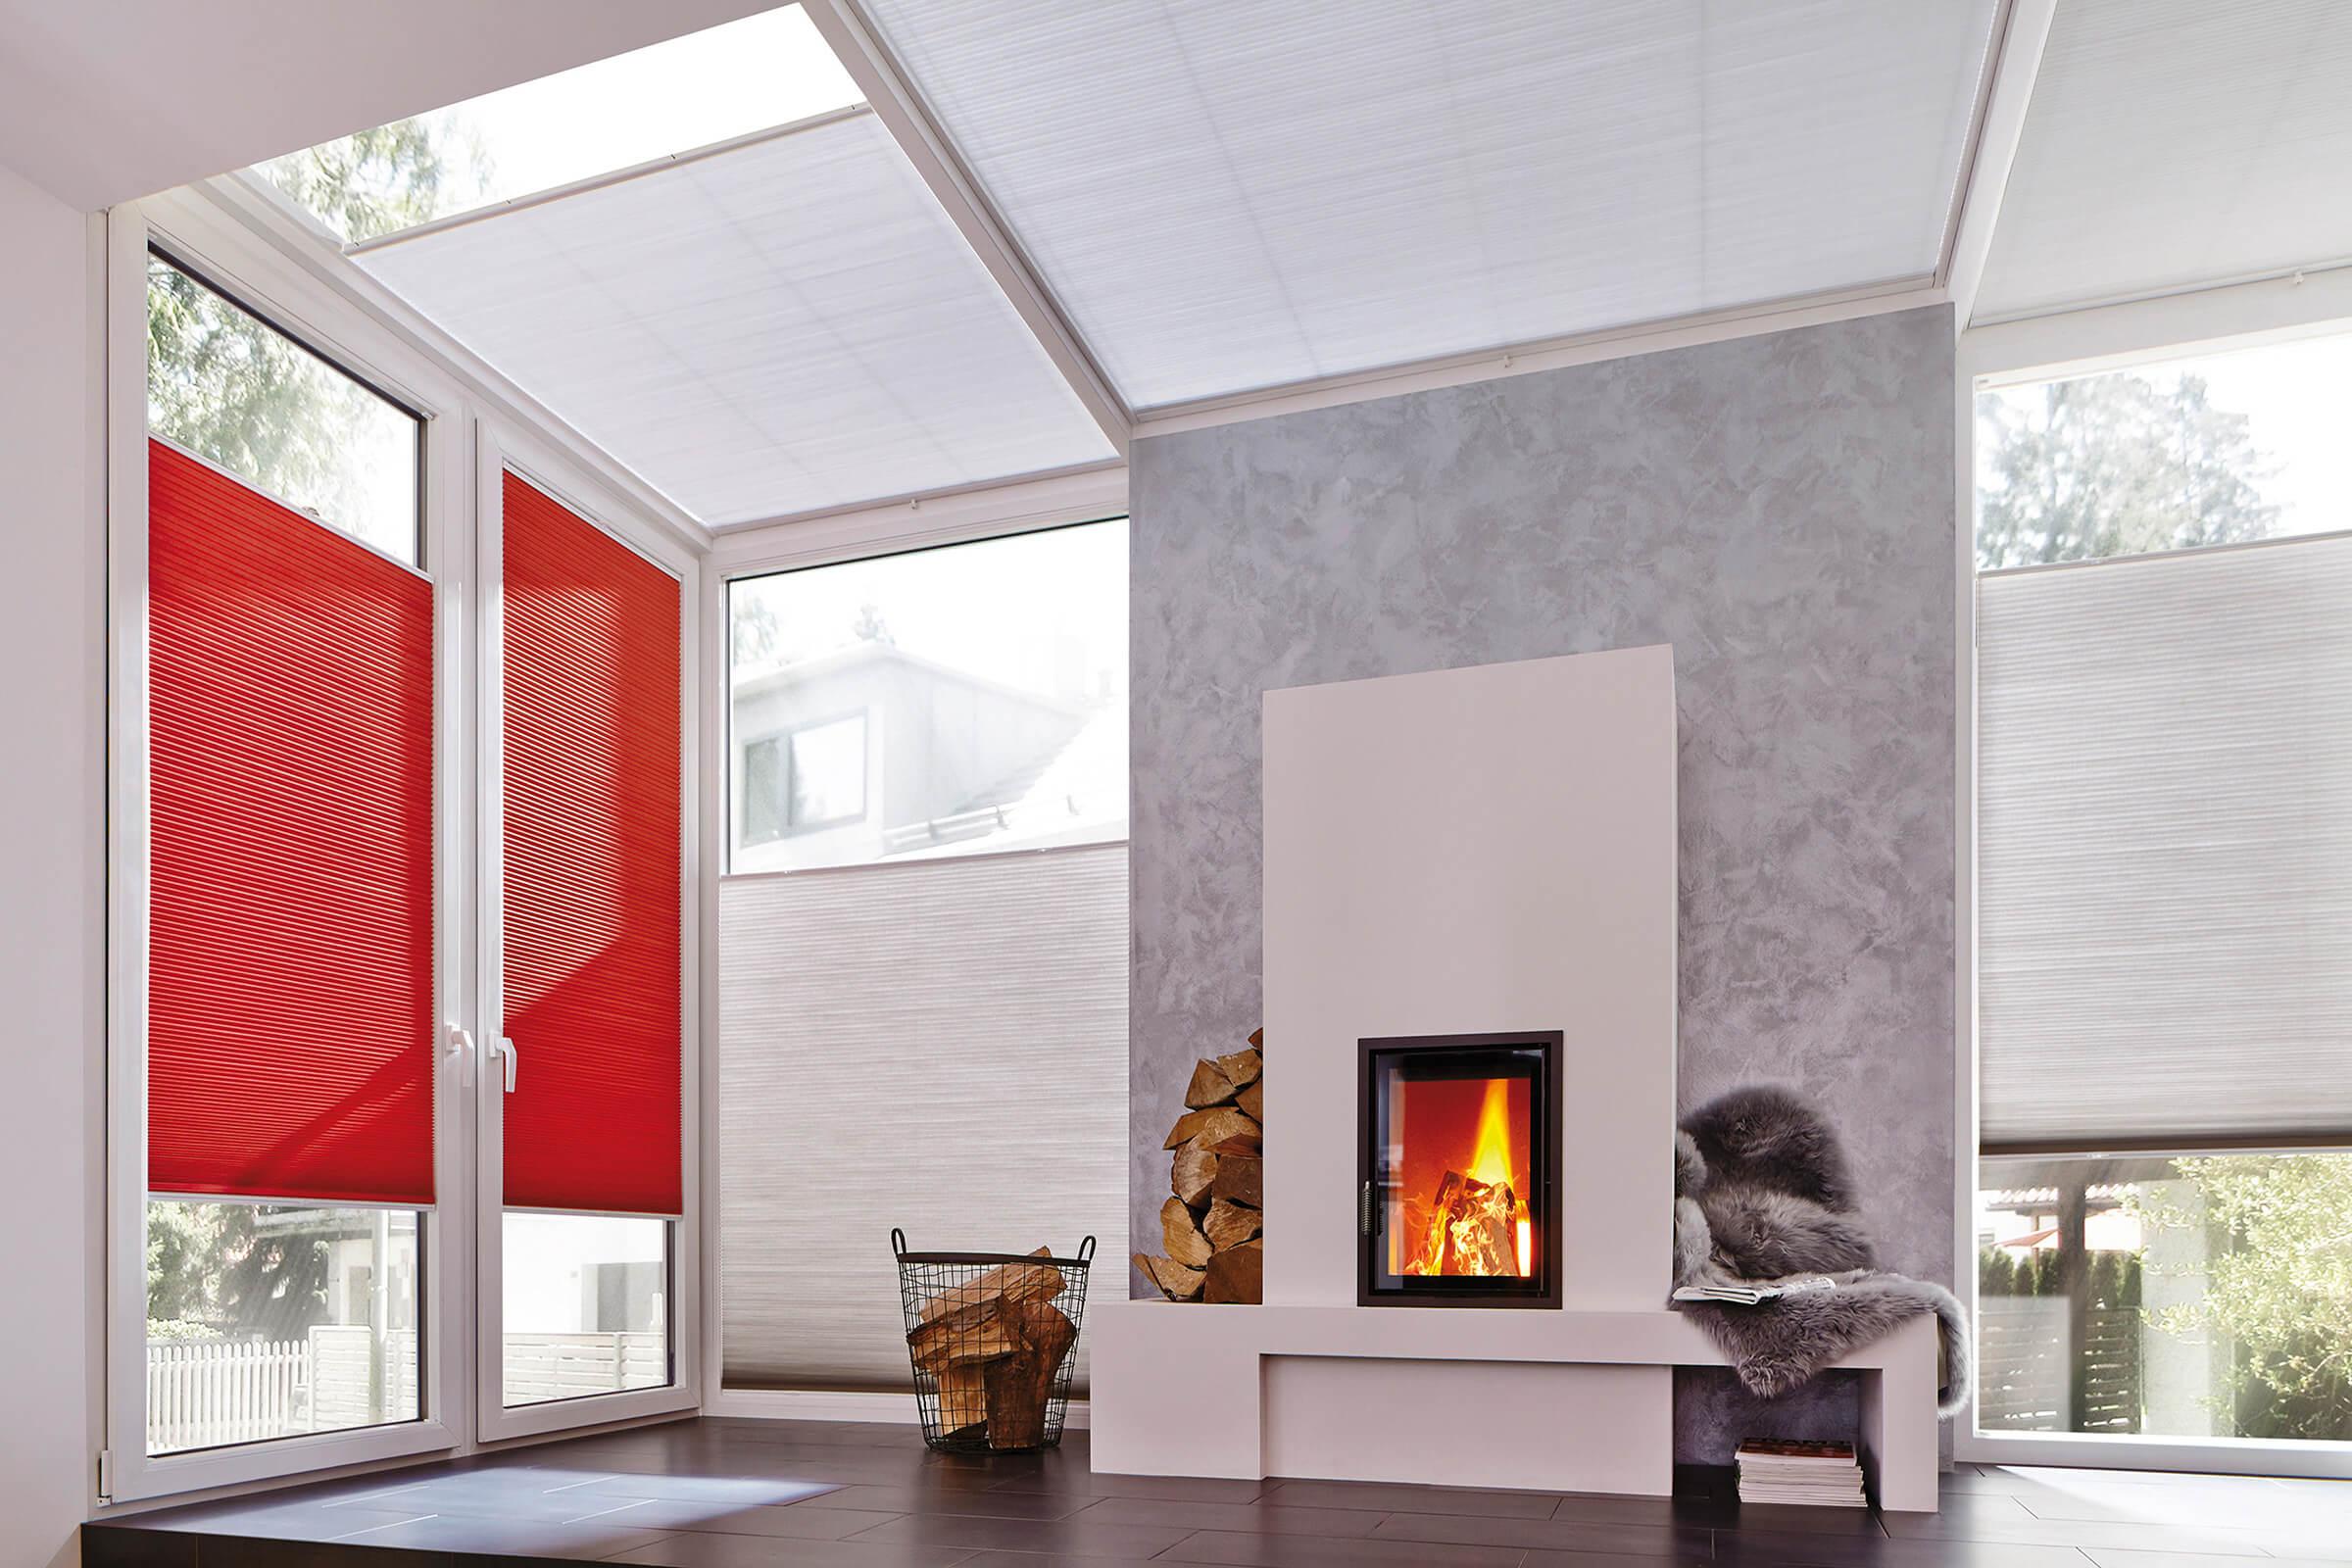 Rot-Weisse Wabenplissees mit zwei Bediengriffen im Kaminzimmer